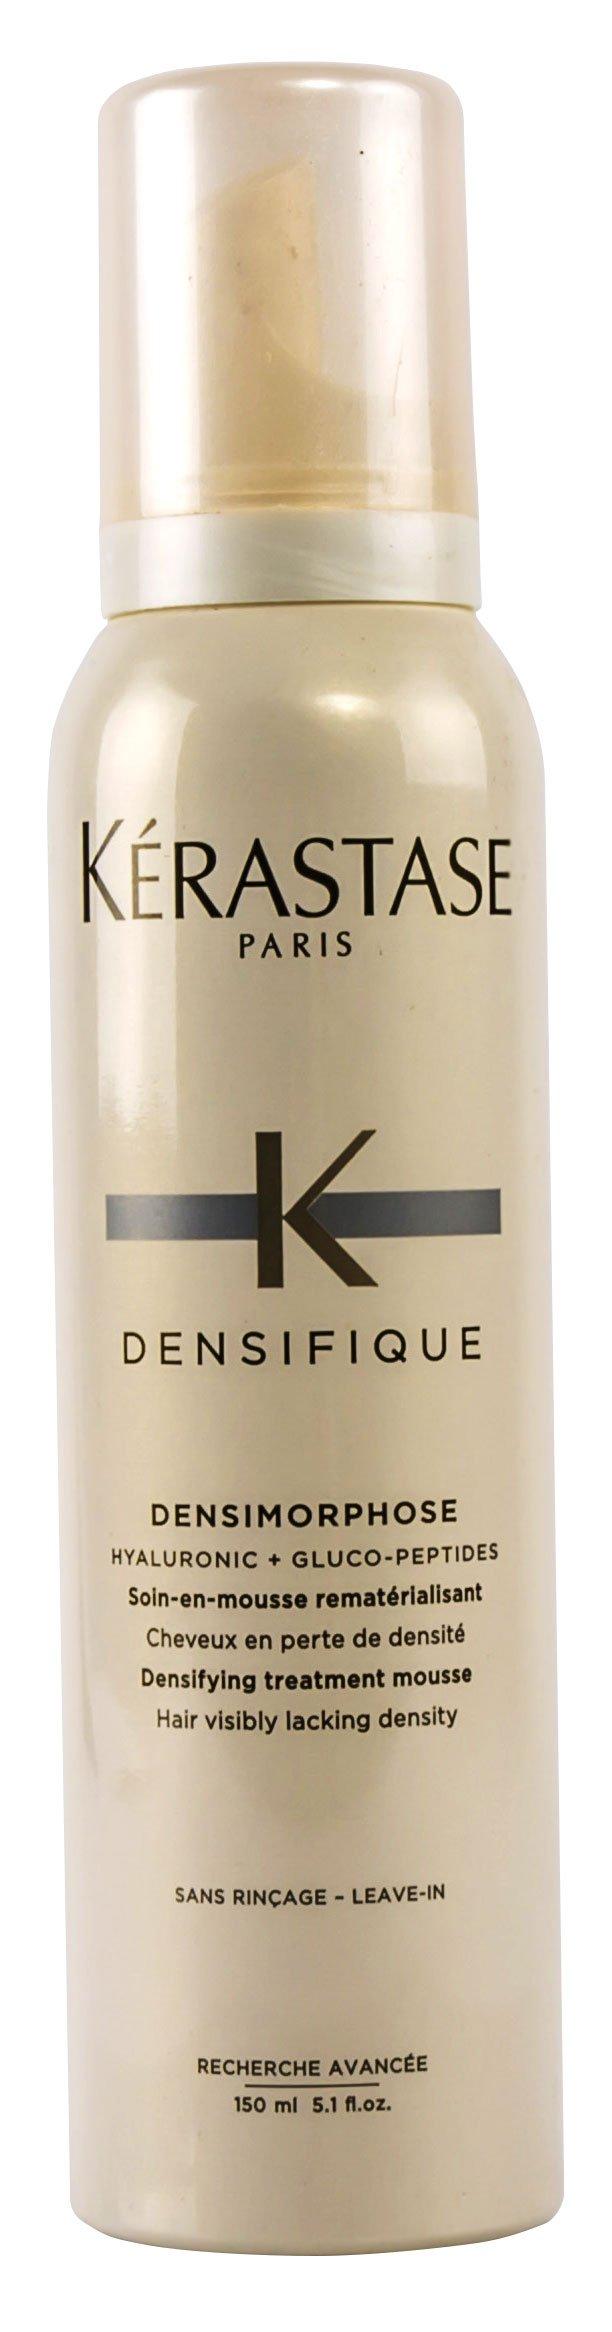 KERASTASE Densifique Mousse, 5.1 Fluid Ounce